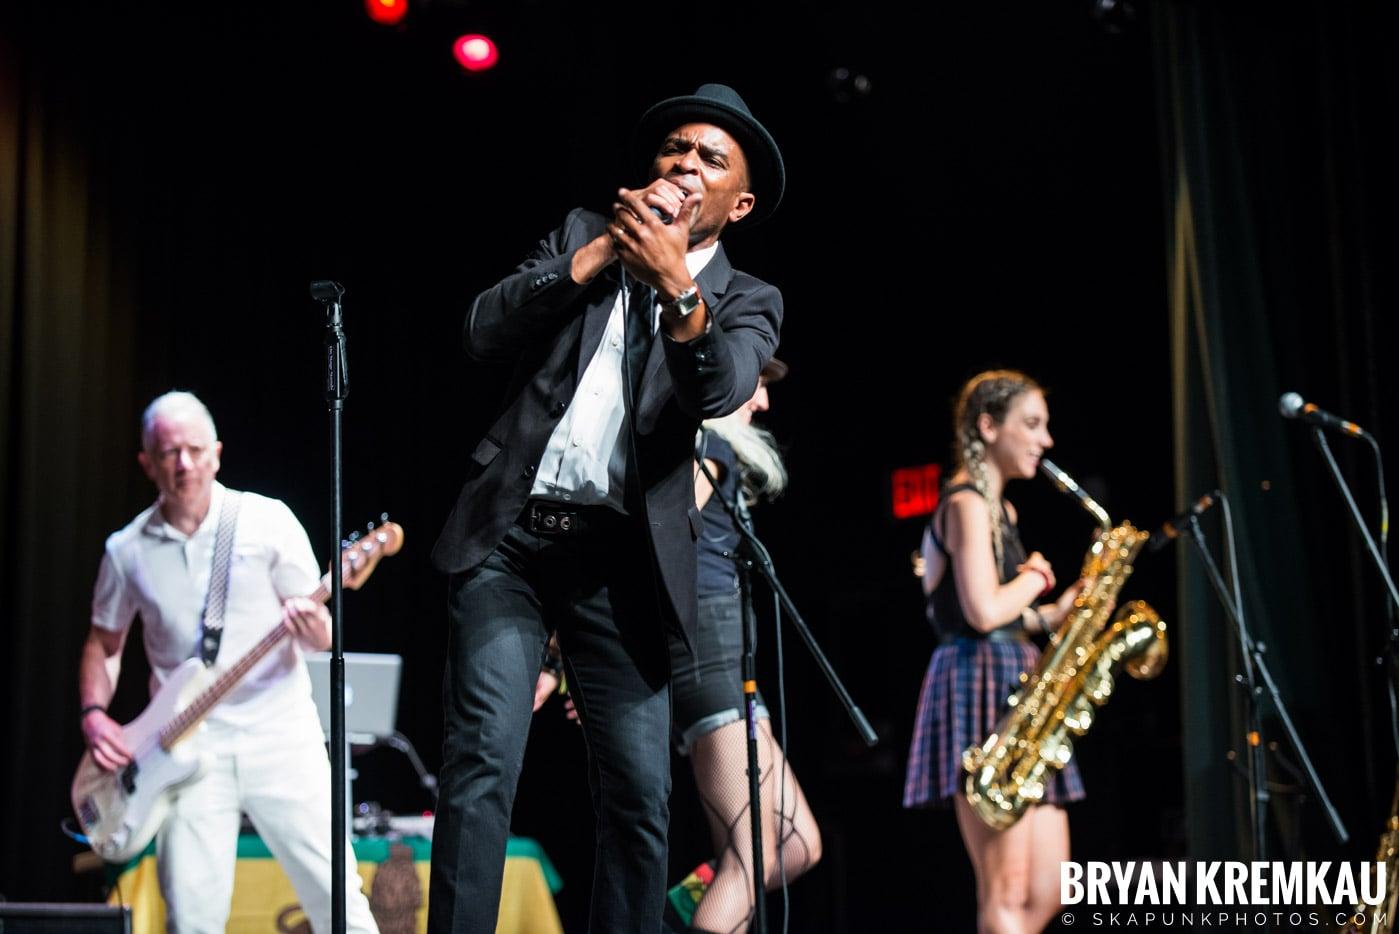 Rude Boy George @ Oskar Schindler Performing Arts Center, West Orange, NJ - 8.19.17 (48)